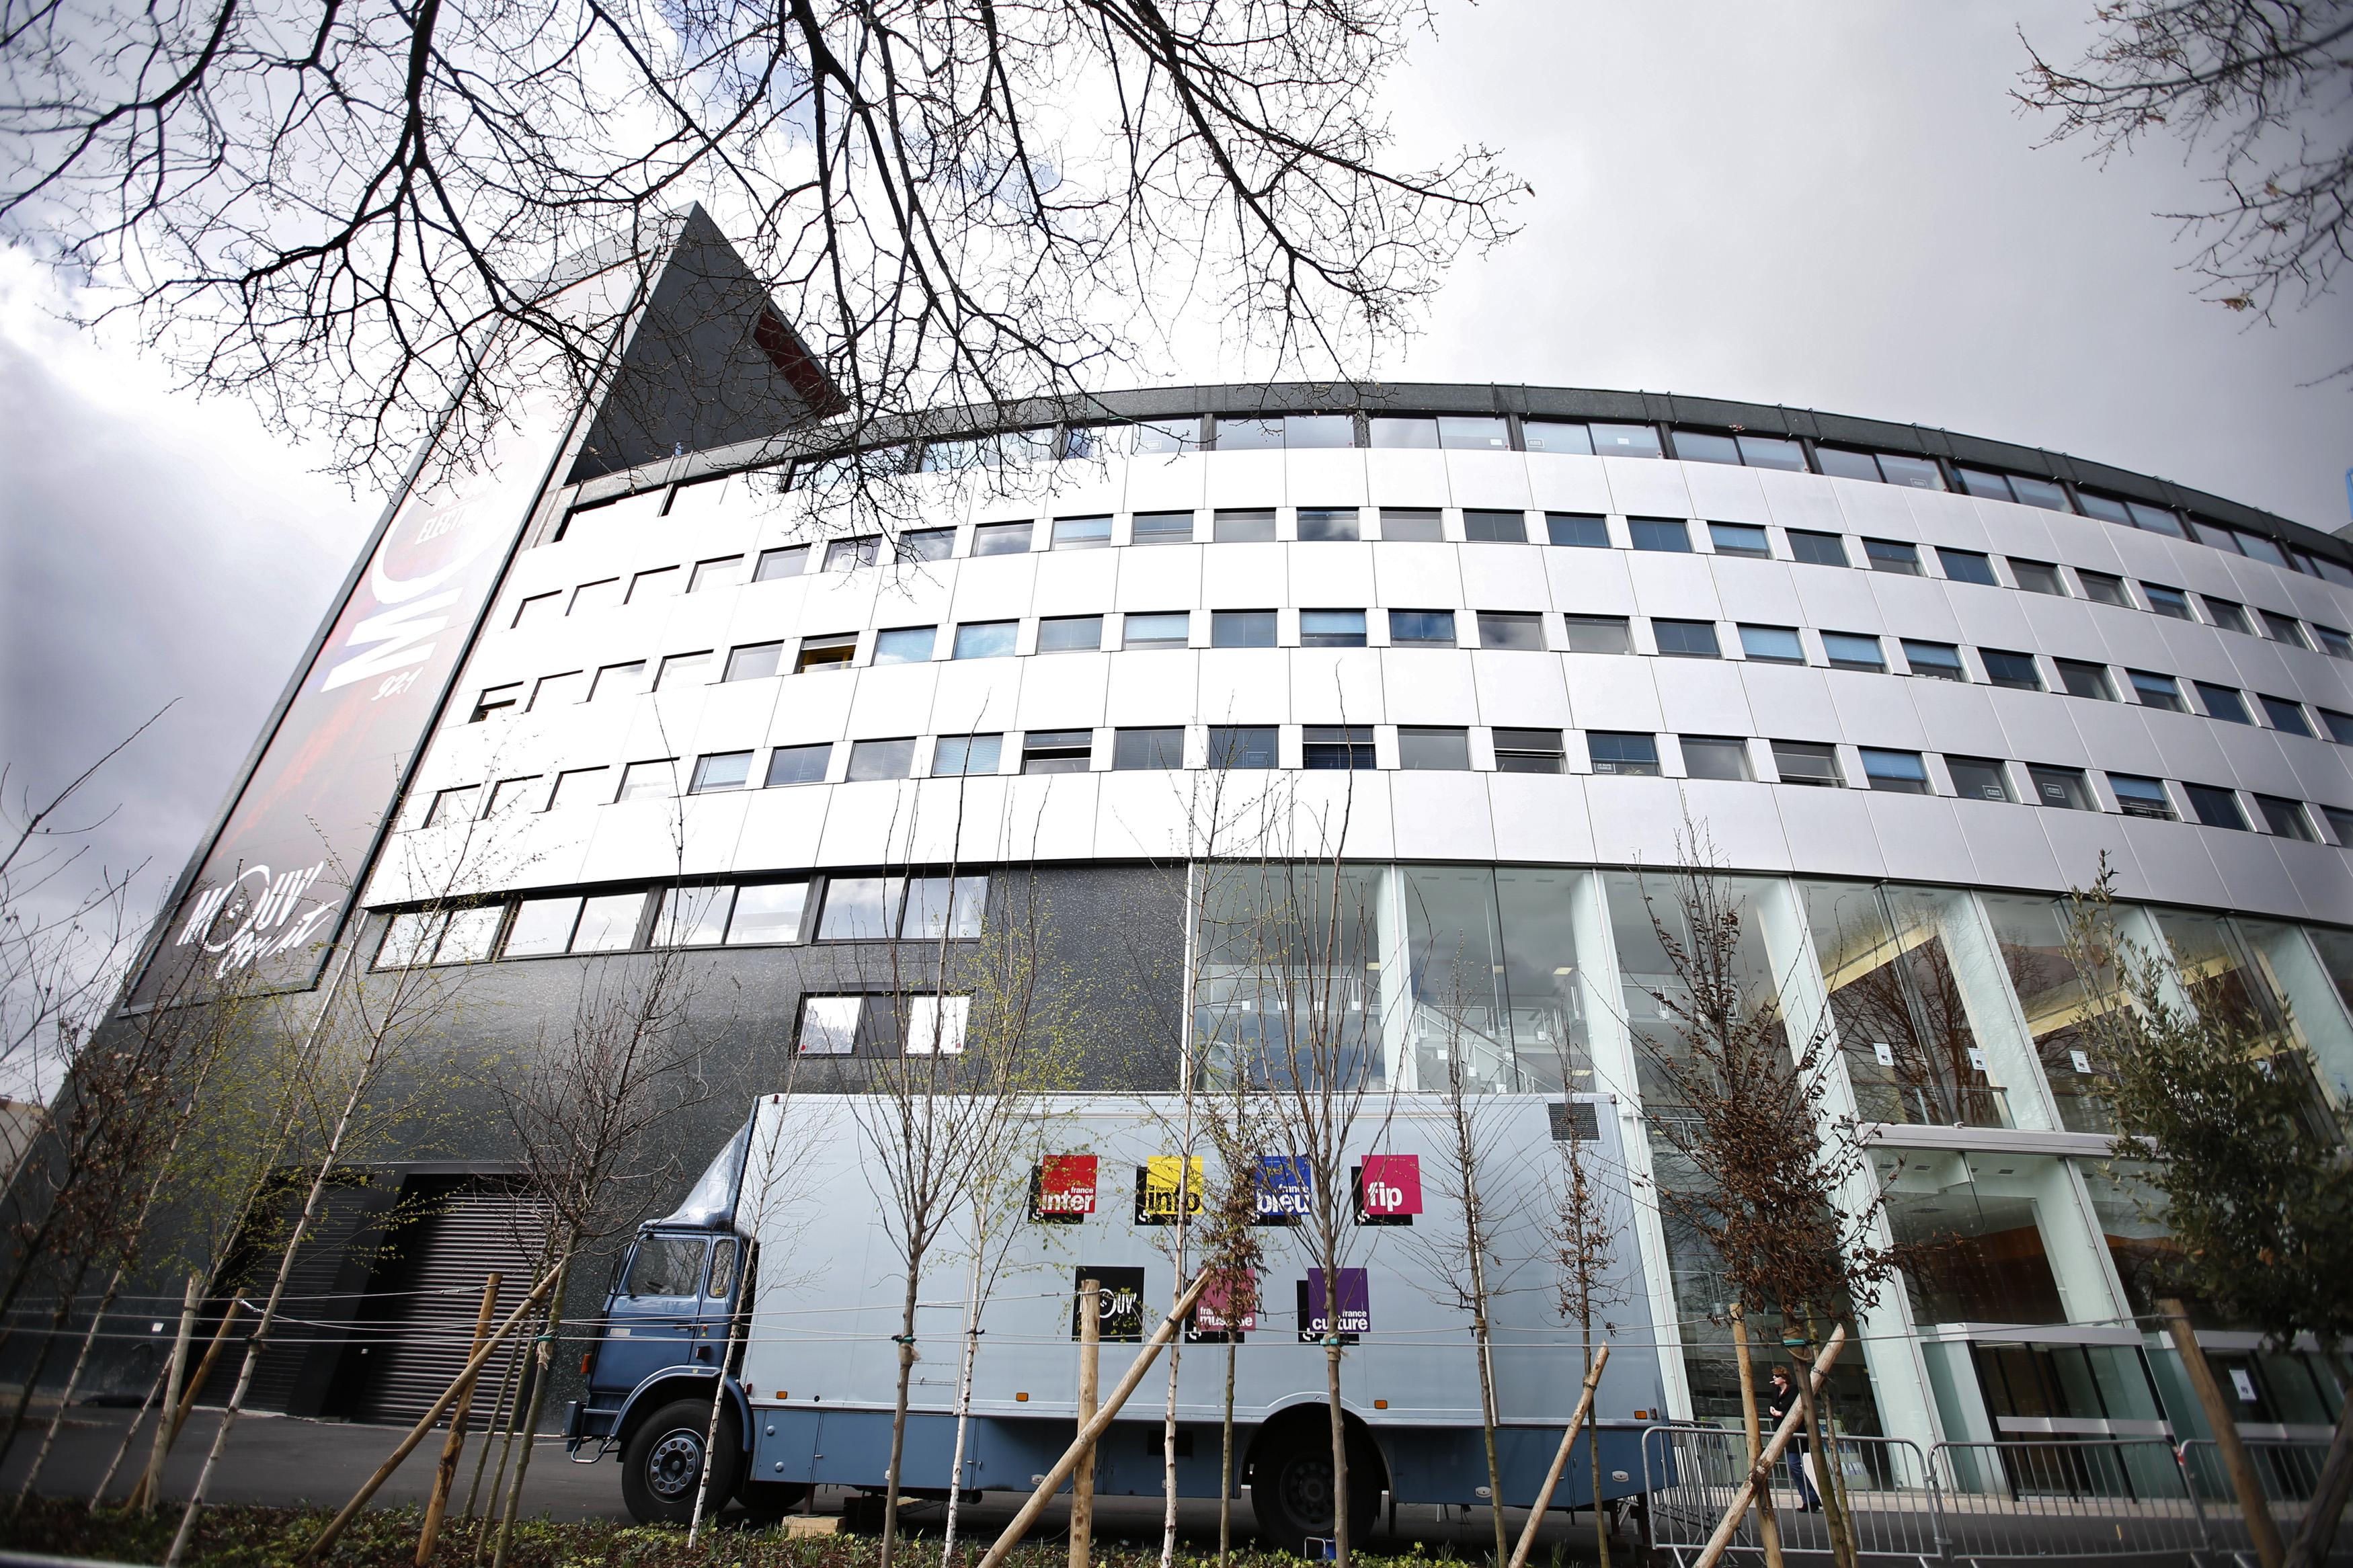 Une grève contre un plan de suppression de 299 postes touche depuis lundi plusieurs antennes. «Chacun doit faire des efforts», a estimé ce vendredi le ministre de la Culture.